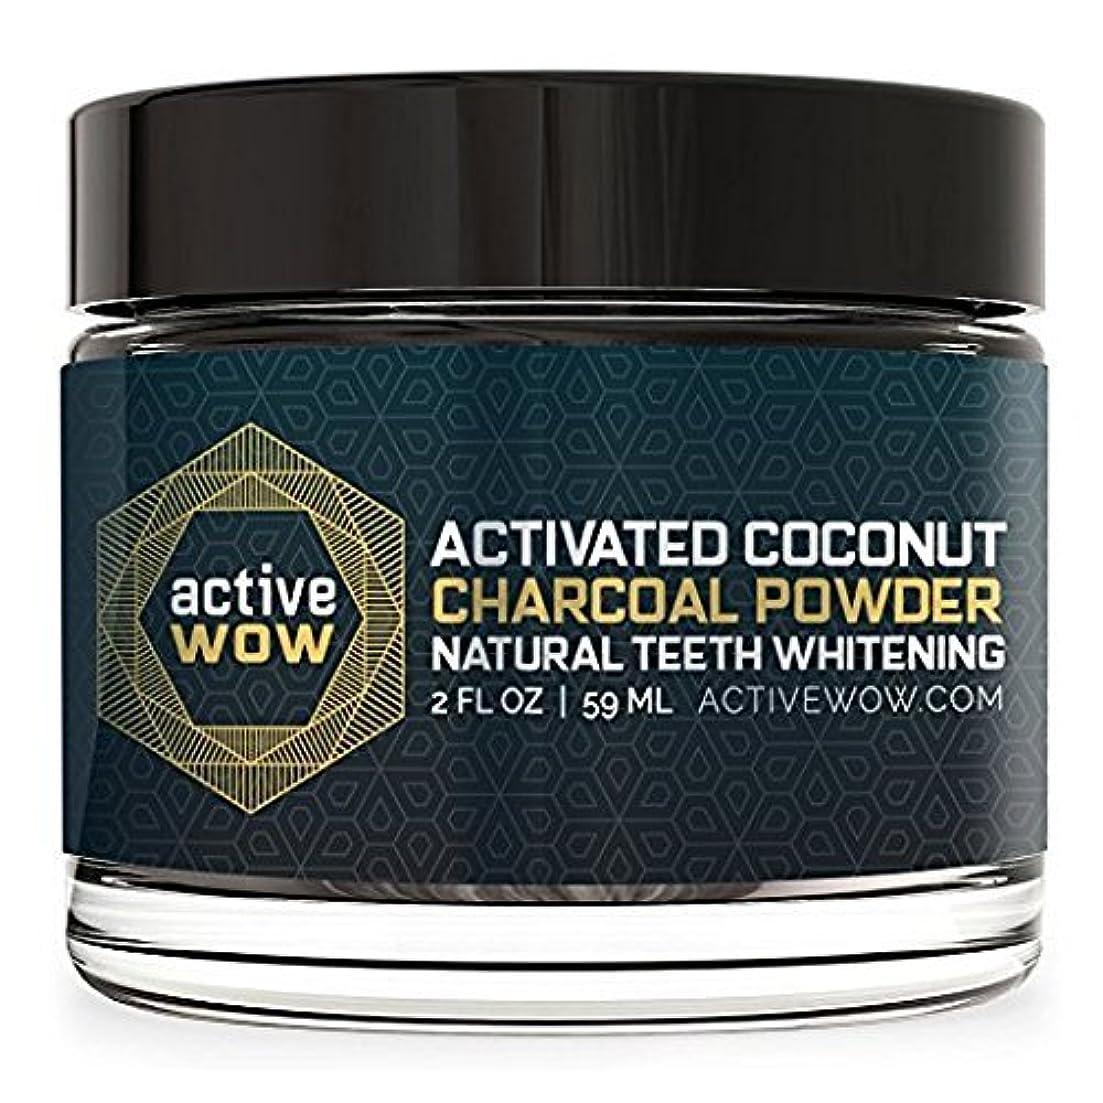 専制鍔ハンバーガーアメリカで売れている 炭パウダー歯のホワイトニング Teeth Whitening Charcoal Powder Natural [並行輸入品]